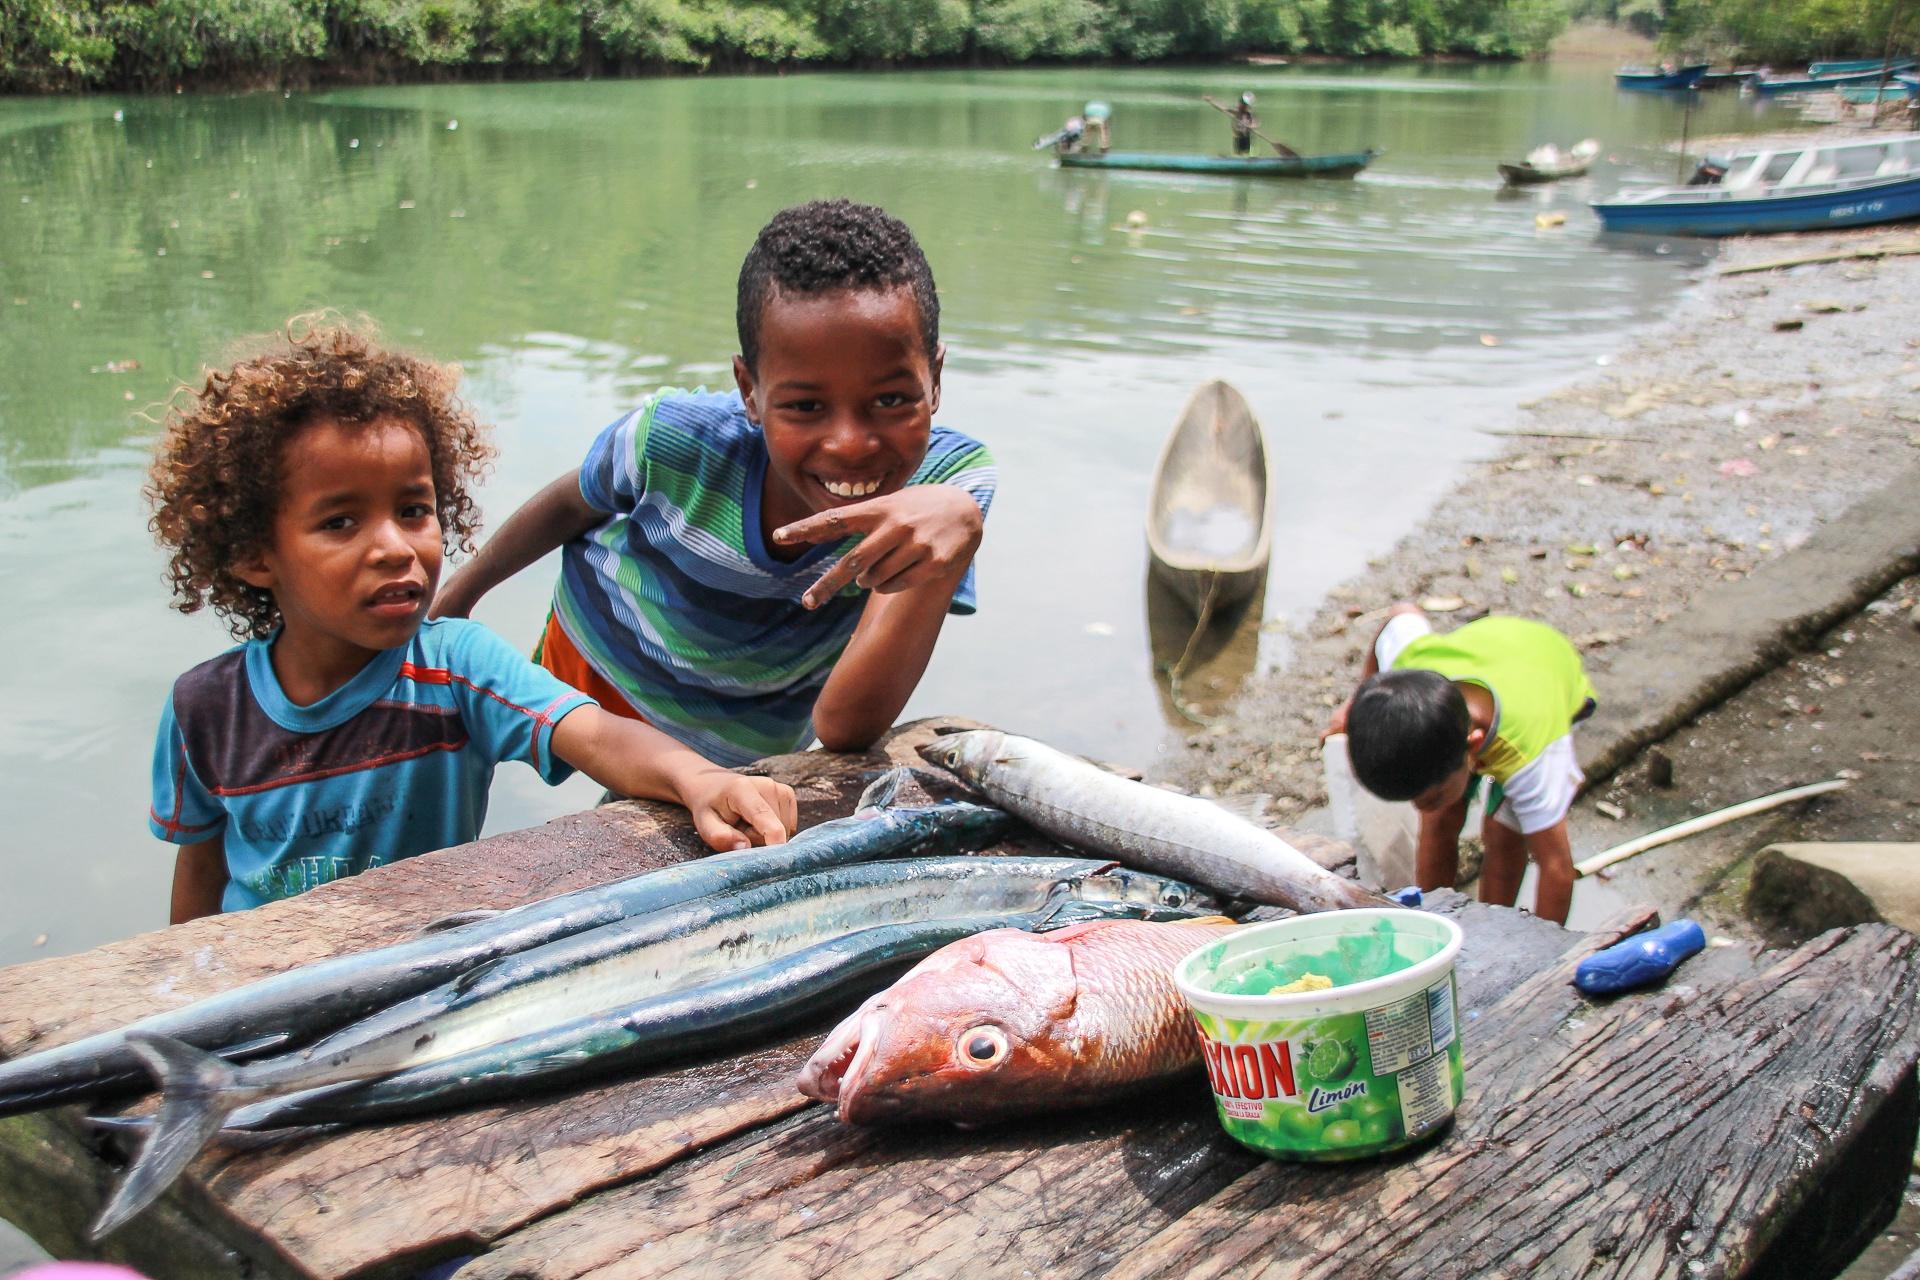 Enfants de pecheurs - cote sauvage pacifique - Colombie